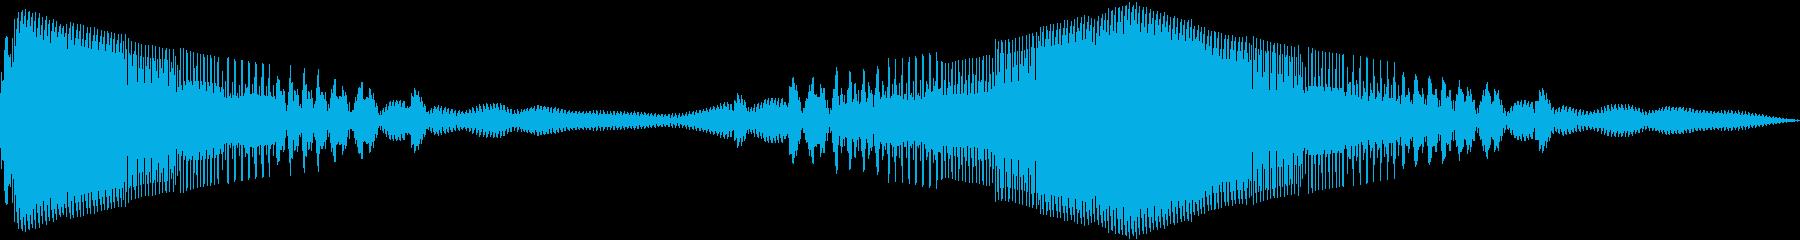 ランダム合成0610 ZGの再生済みの波形